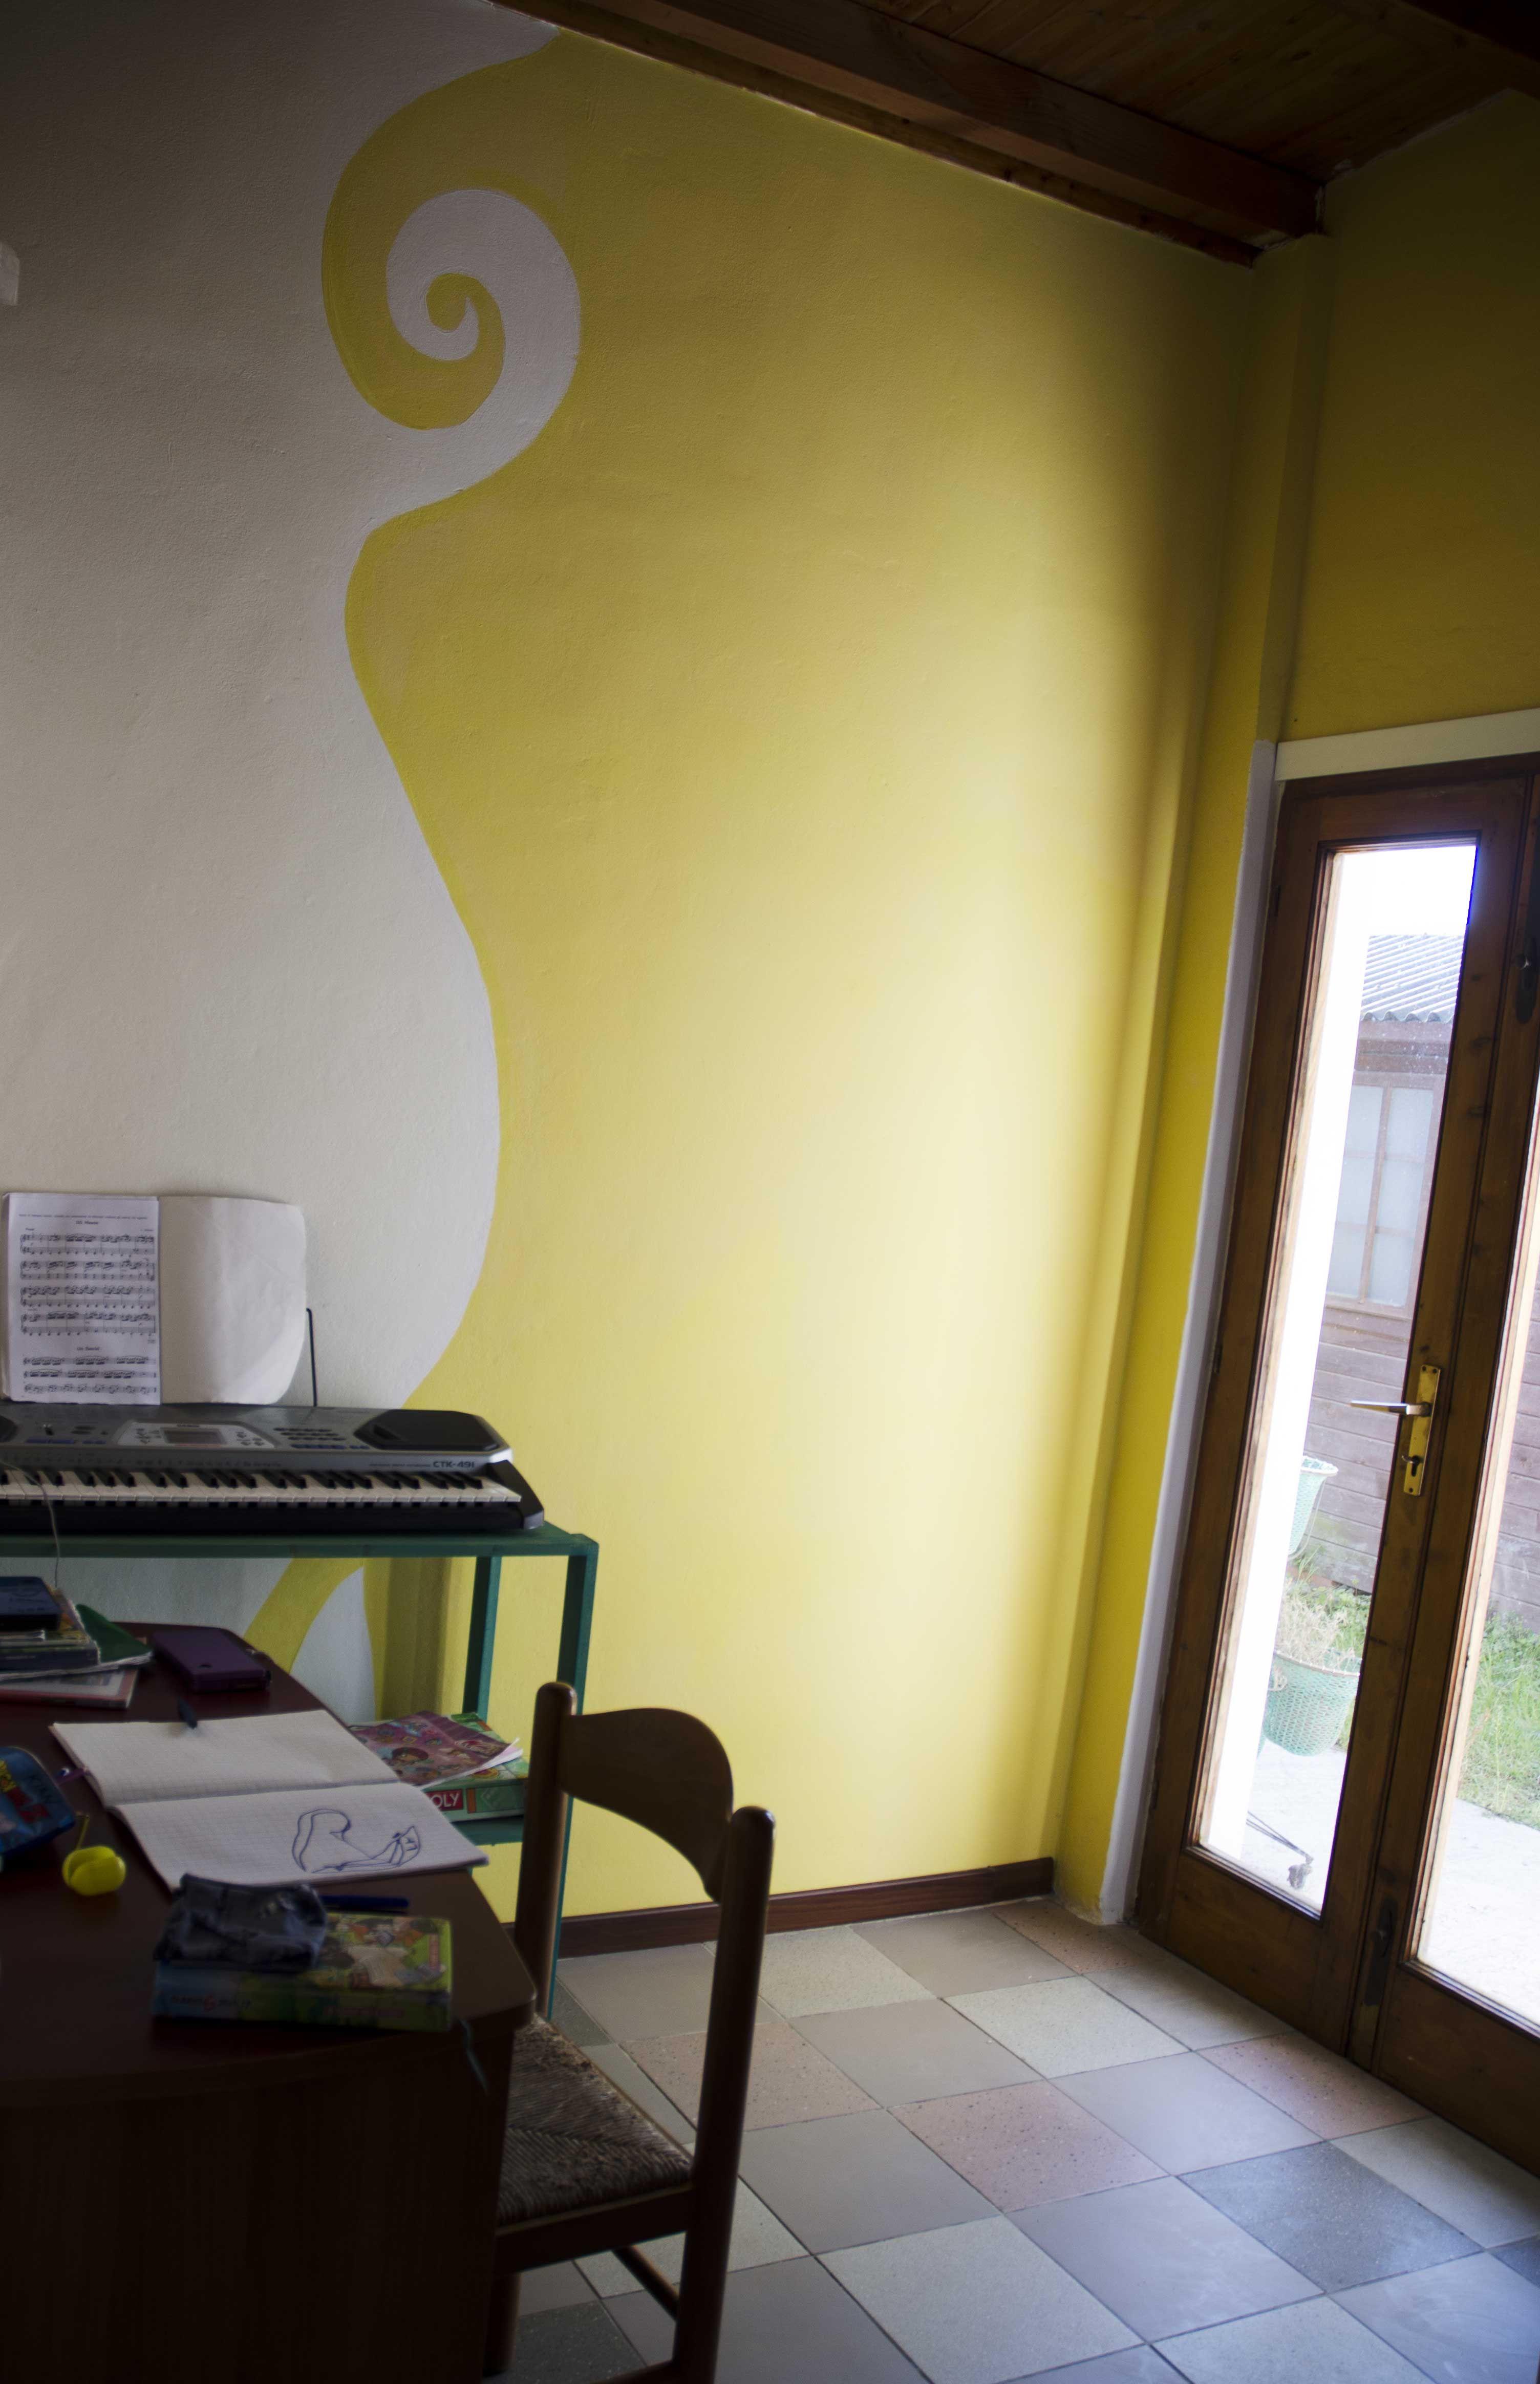 Pareti Bicolore Camera Da Letto.Cameretta Con Parete Bicolore Giochi Di Righe Home Decor Colors